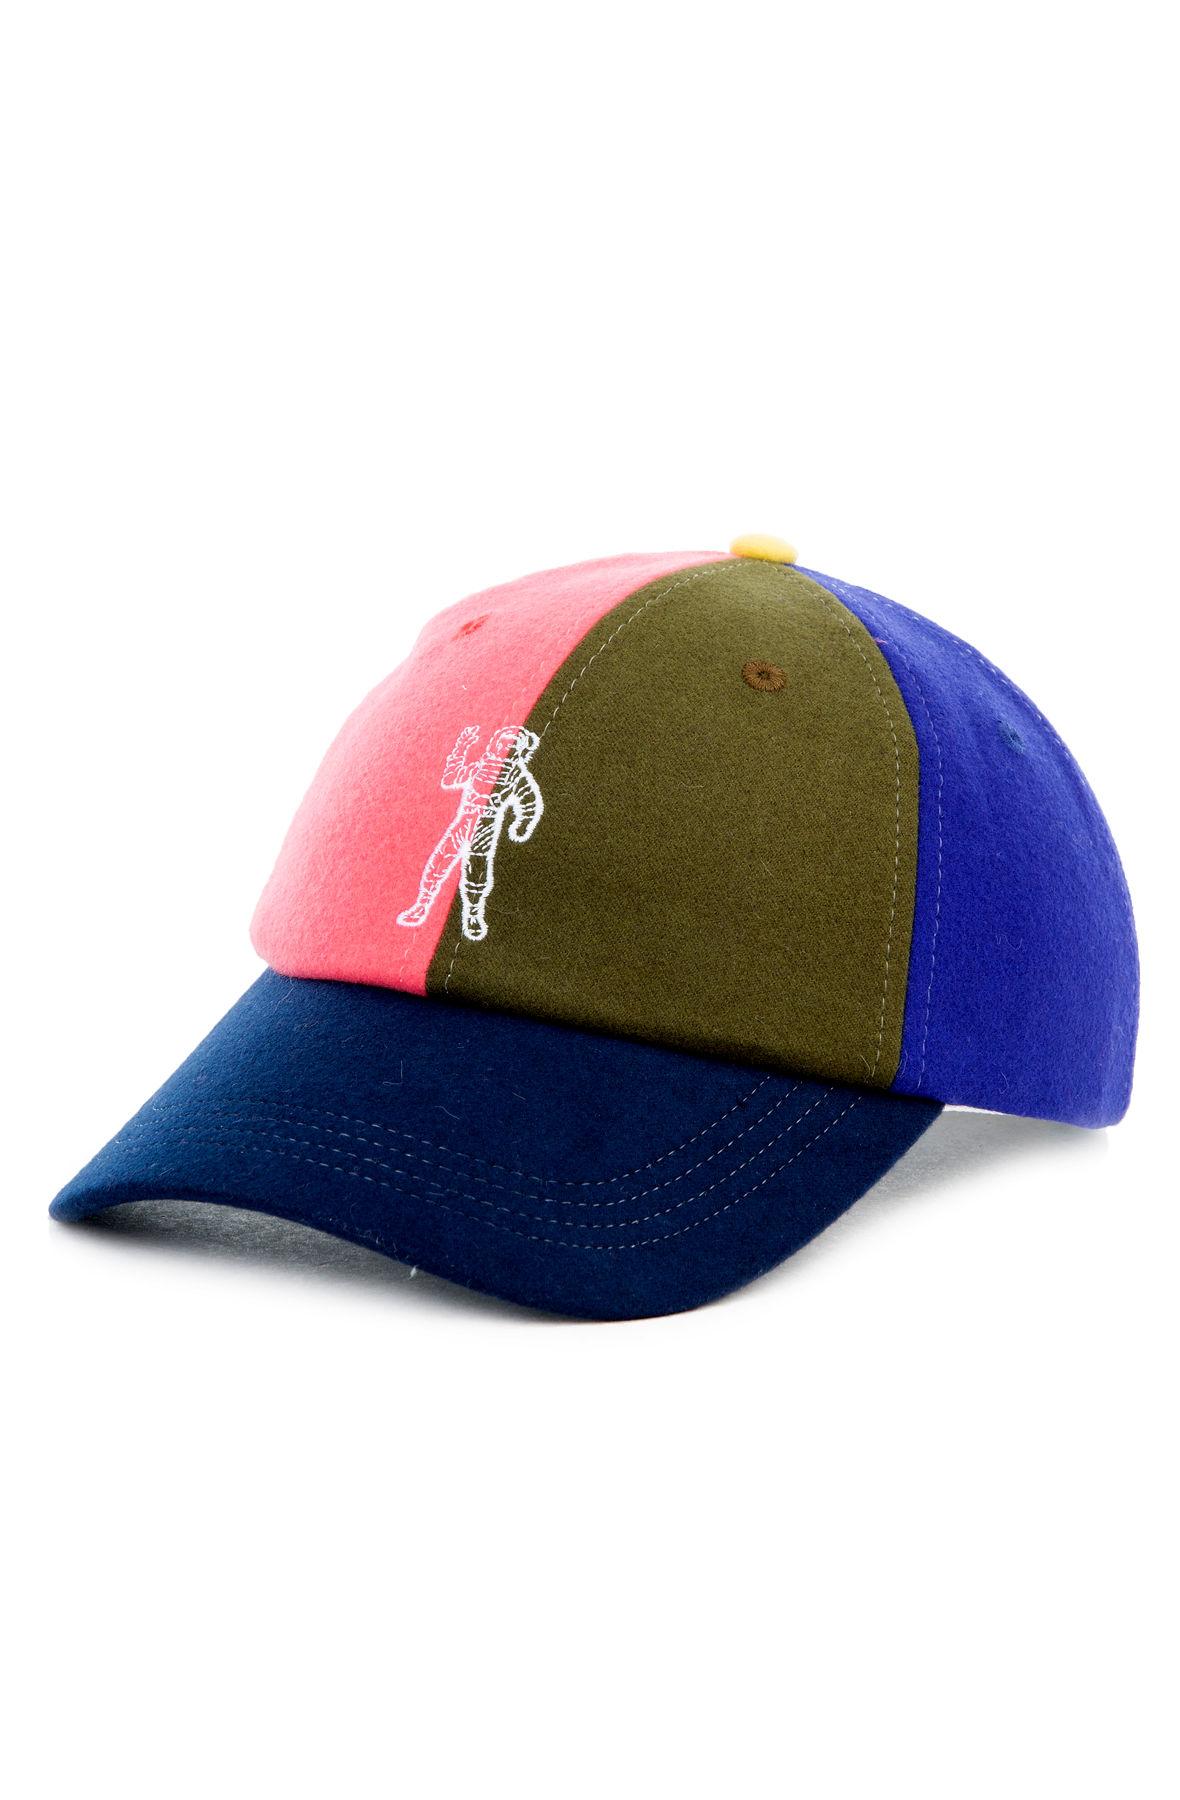 Image of The BB Astro Split Snapback Hat in Navy Blazer